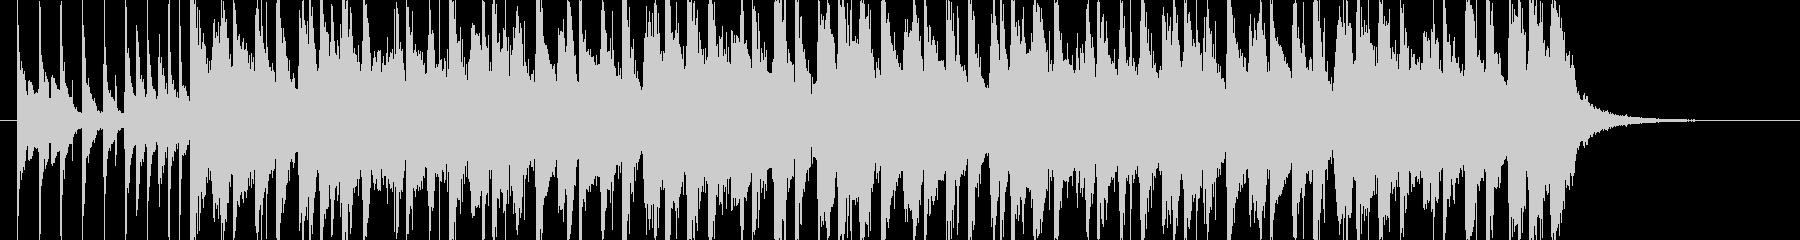 エレクトロファンク-男性ボーカル。...の未再生の波形